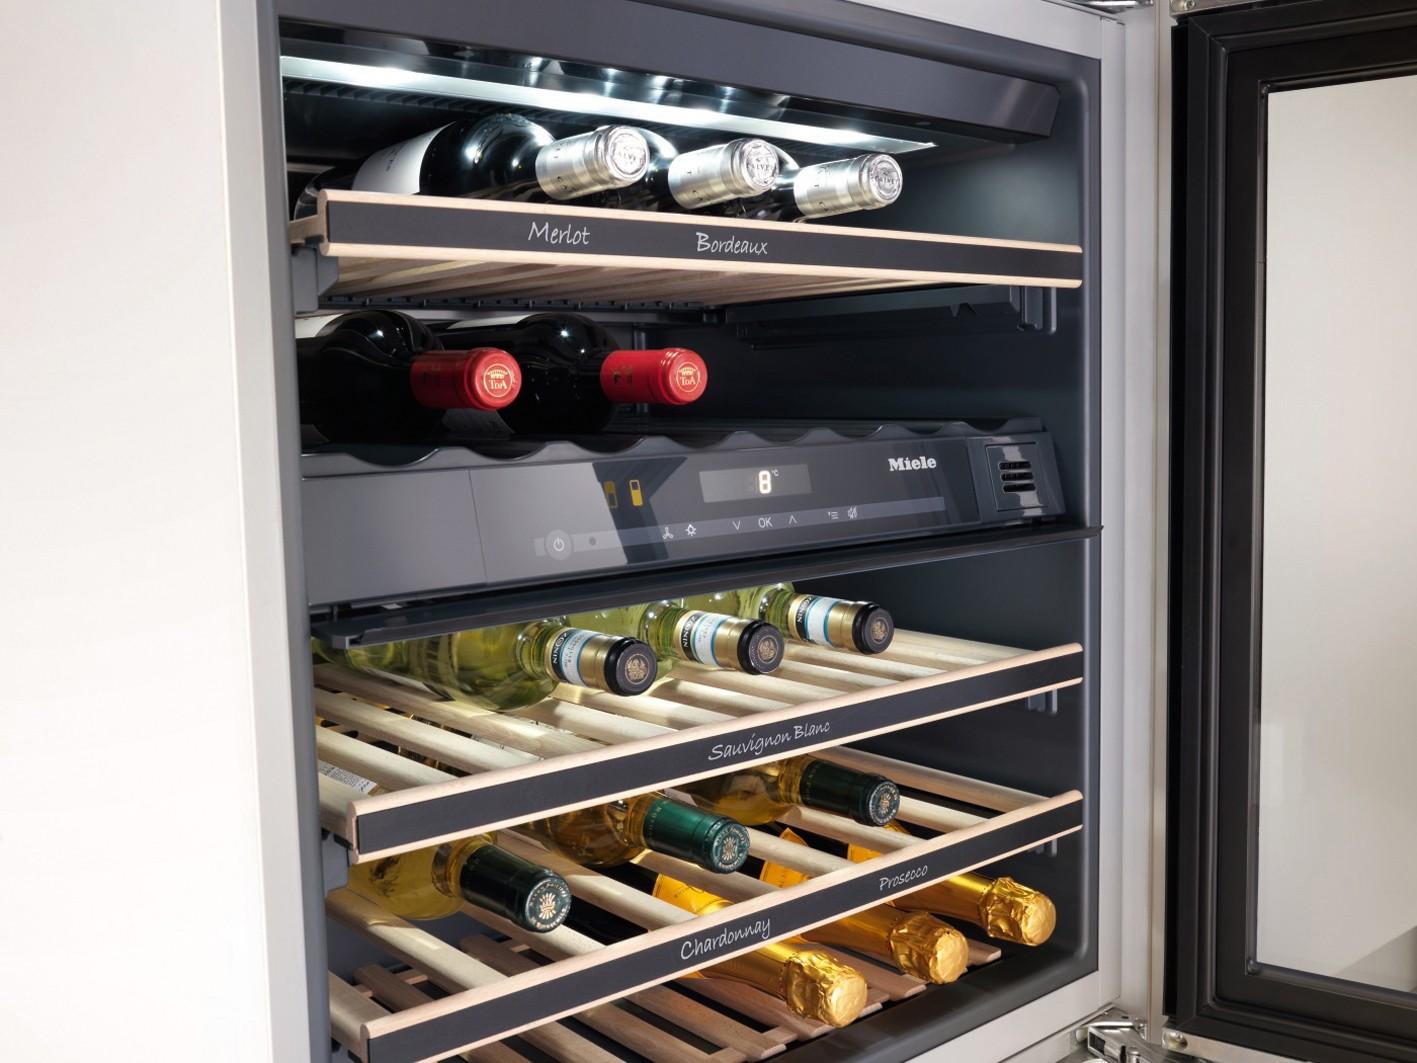 Ratgeber Edle Tropfen optimal lagern: Bei Weinkühlschränken auf Stromverbrauch und Zusatzfilter achten  - News, Bild 1